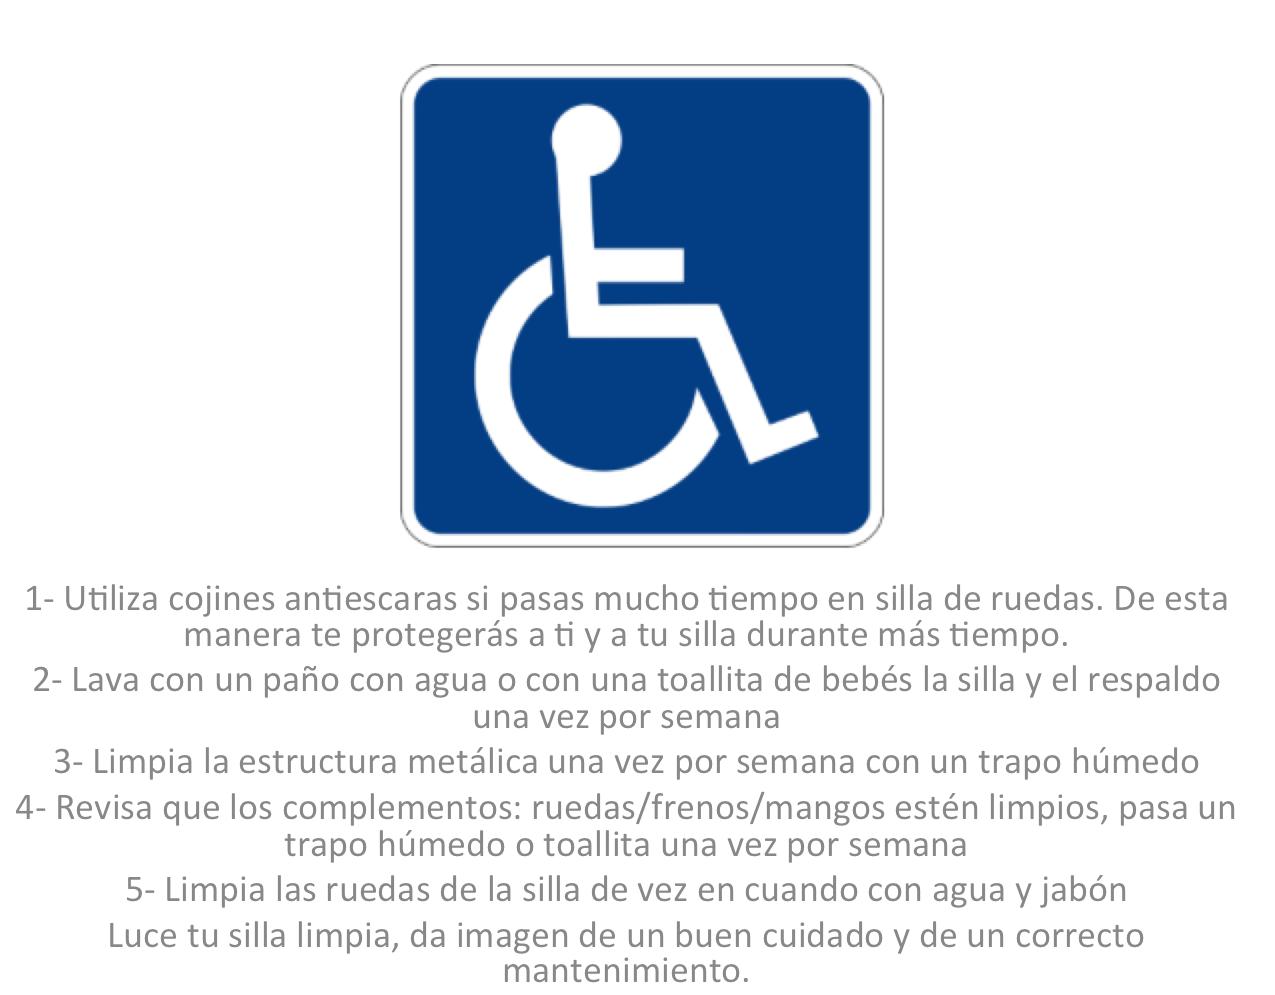 Alquiler de silla de rueda o sillas de ruedas en nuestra ortopedia de barcelona blogs de belleza - Alquiler silla de ruedas barcelona ...